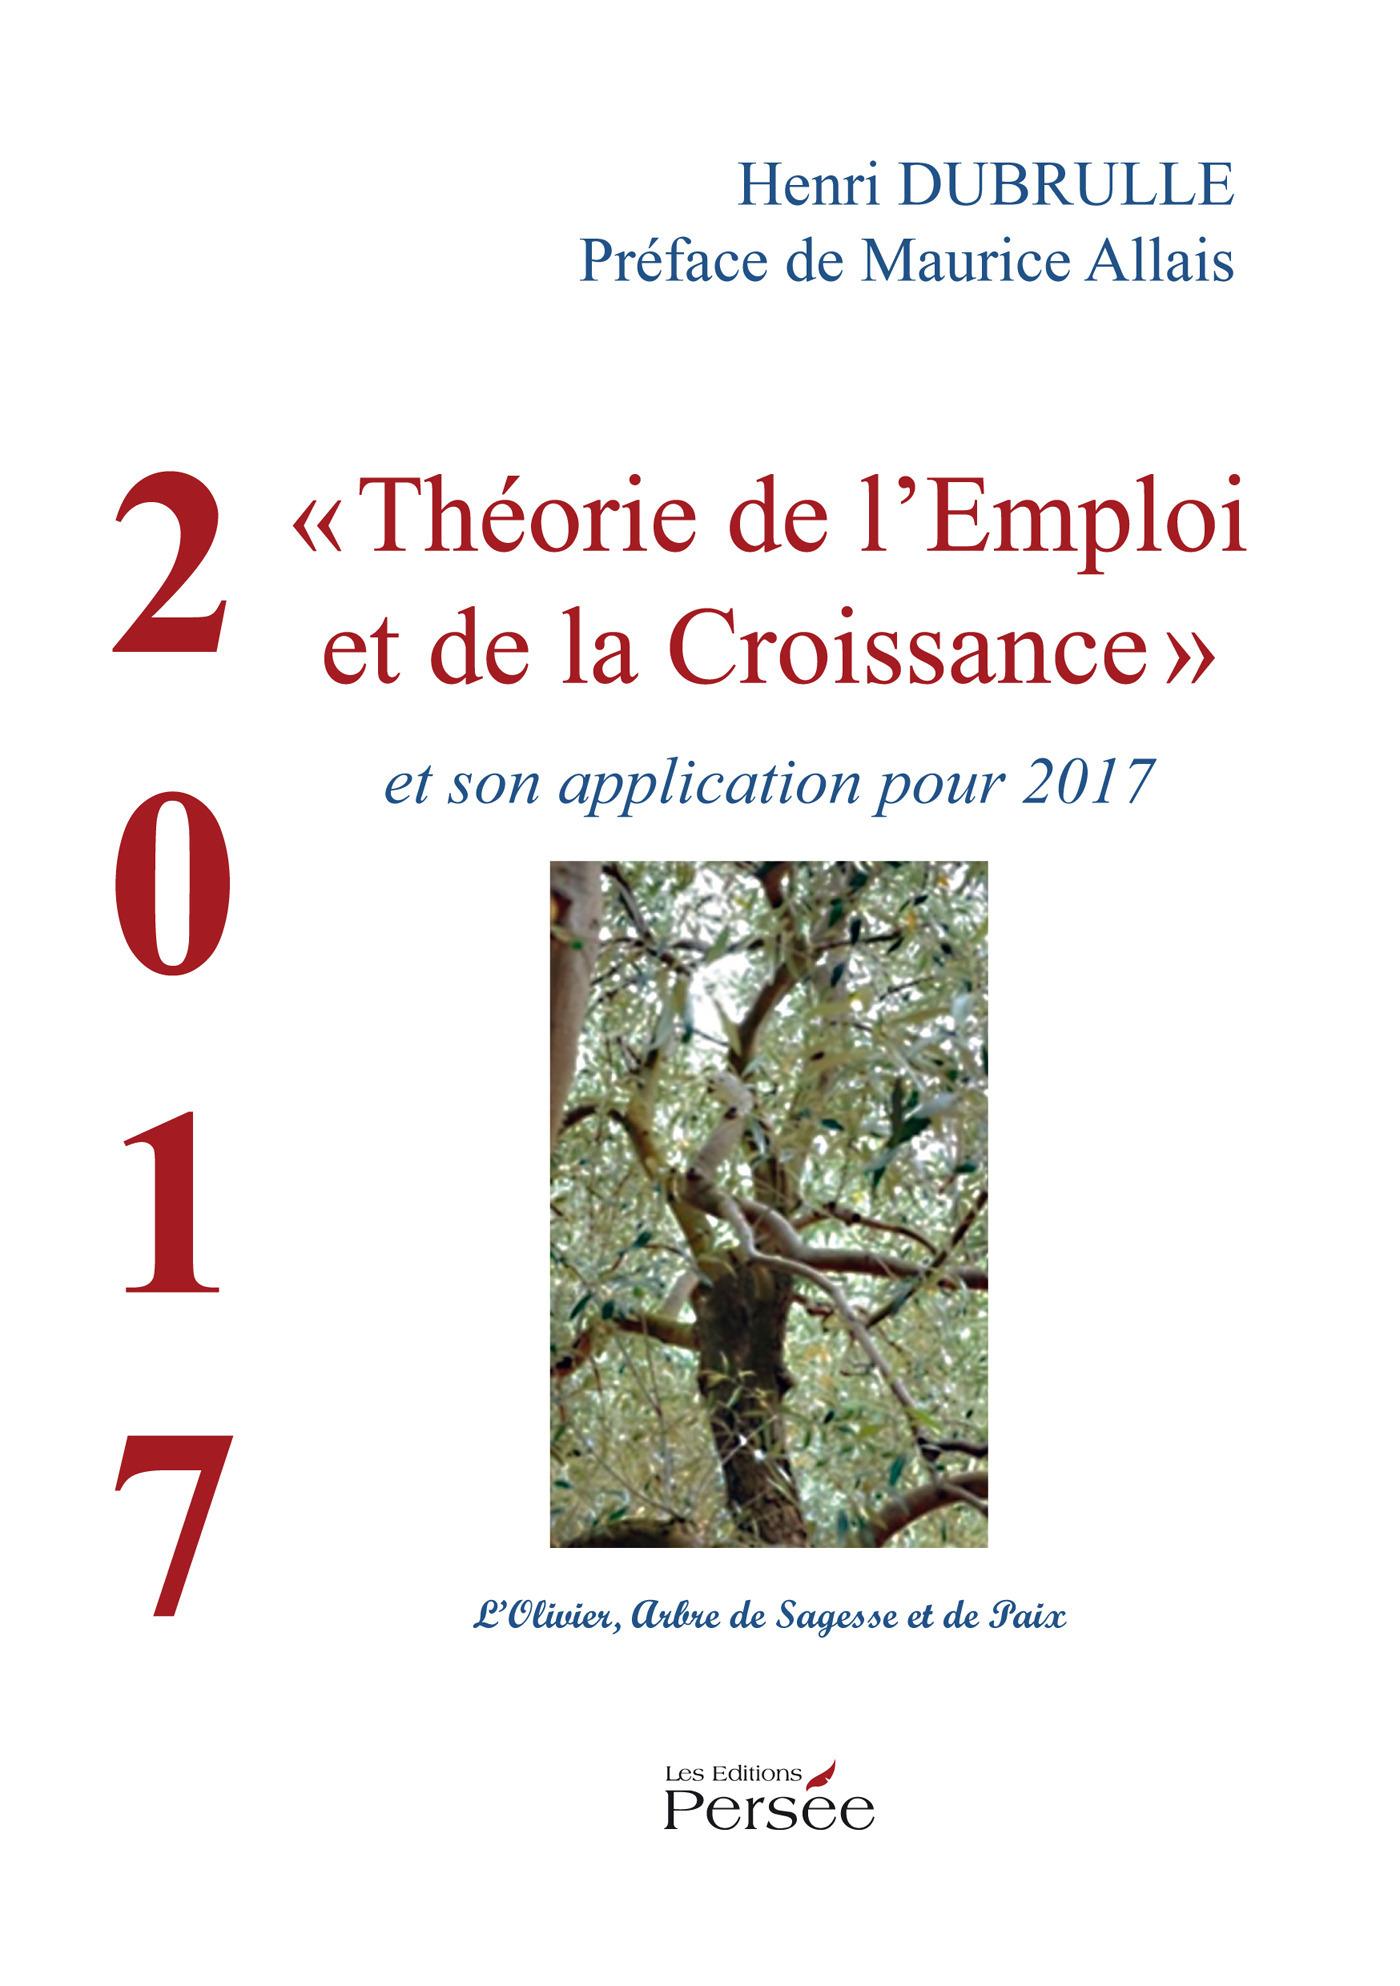 """""""2017 : Théorie de l'Emploi et de la Croissance"""""""